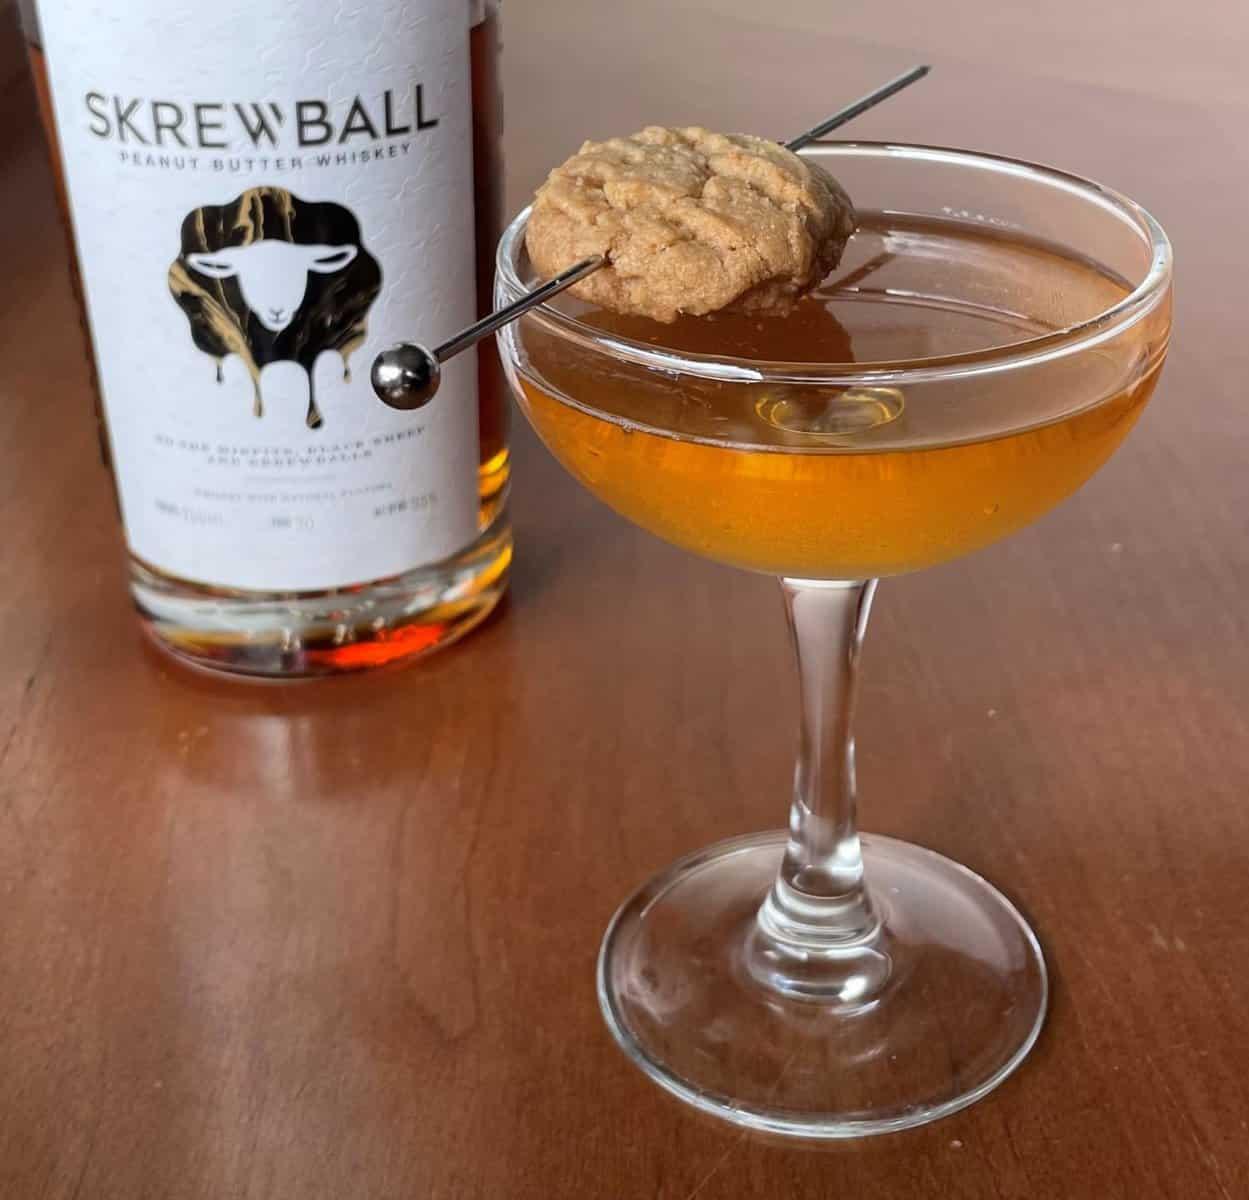 Peanut Butter Manhattan (A Skrewball Peanut Butter Whiskey Recipe)